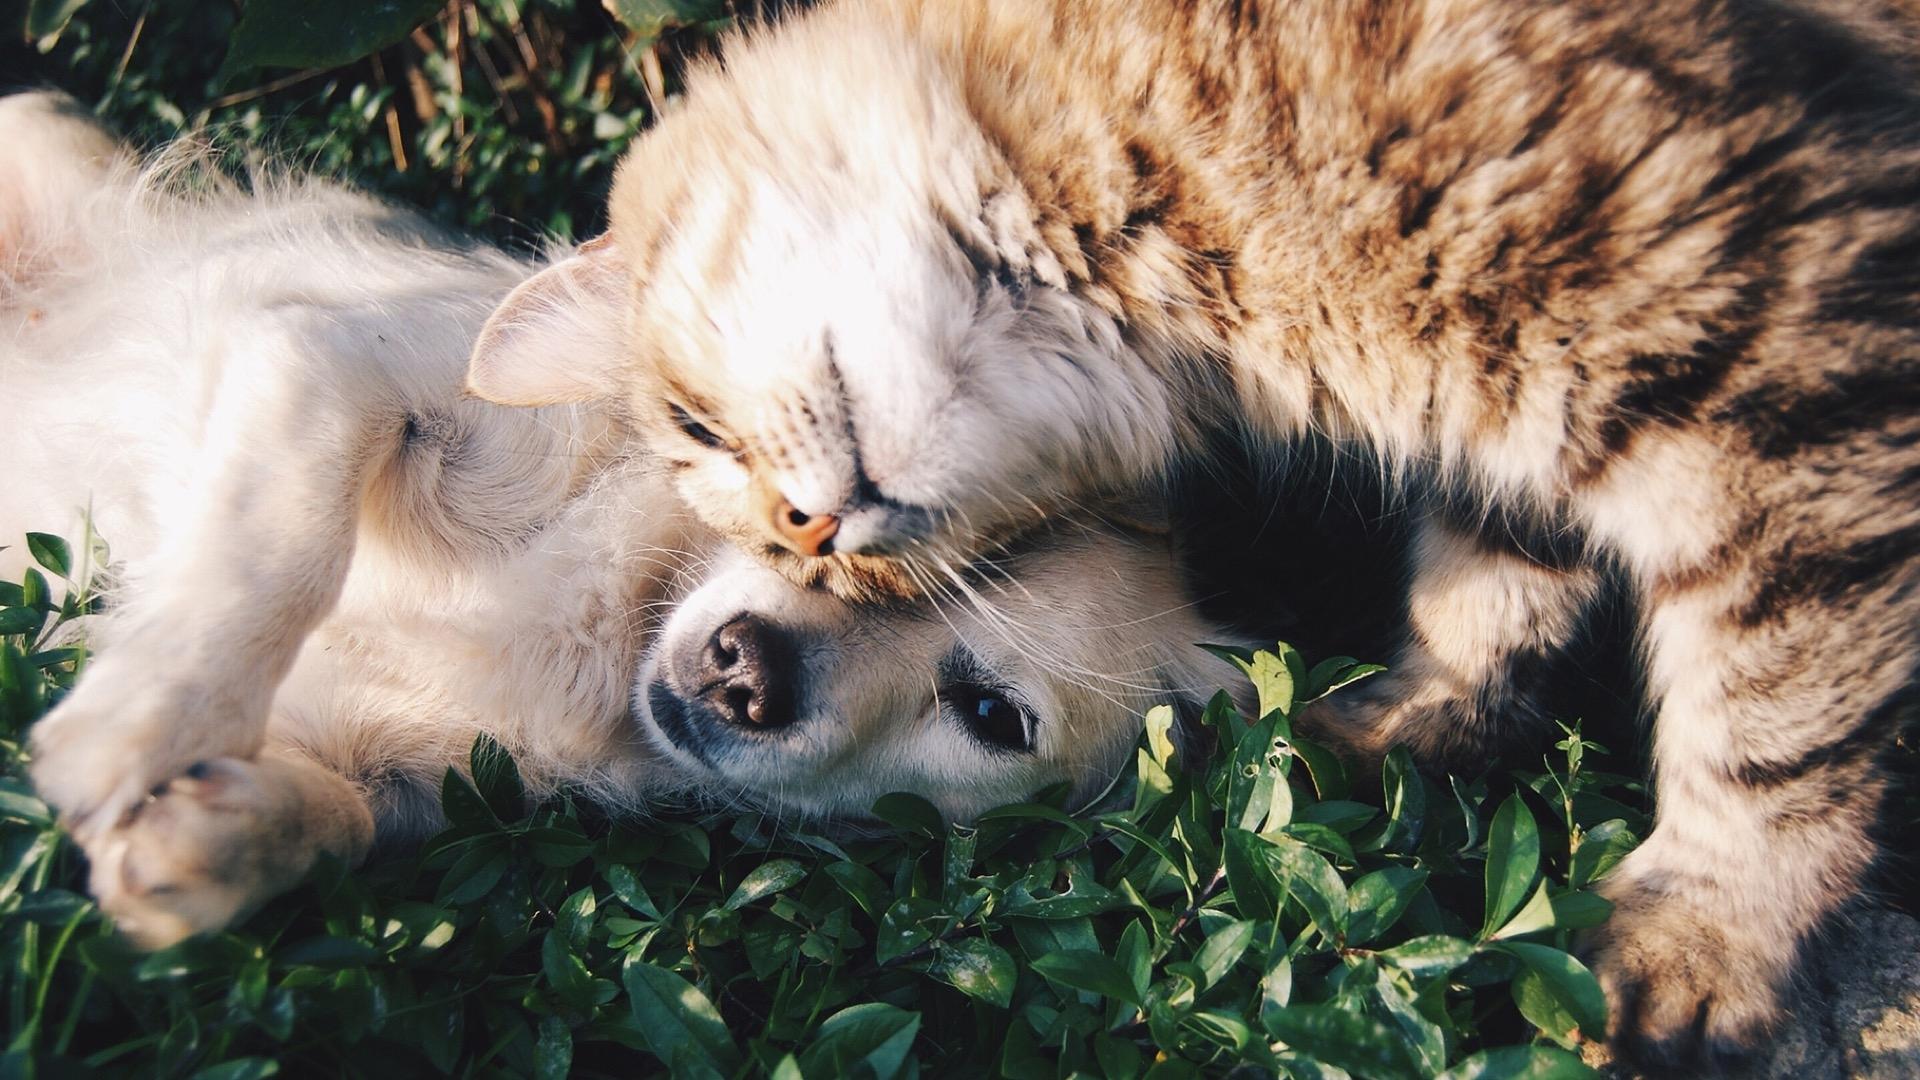 kitten nuzzling puppy